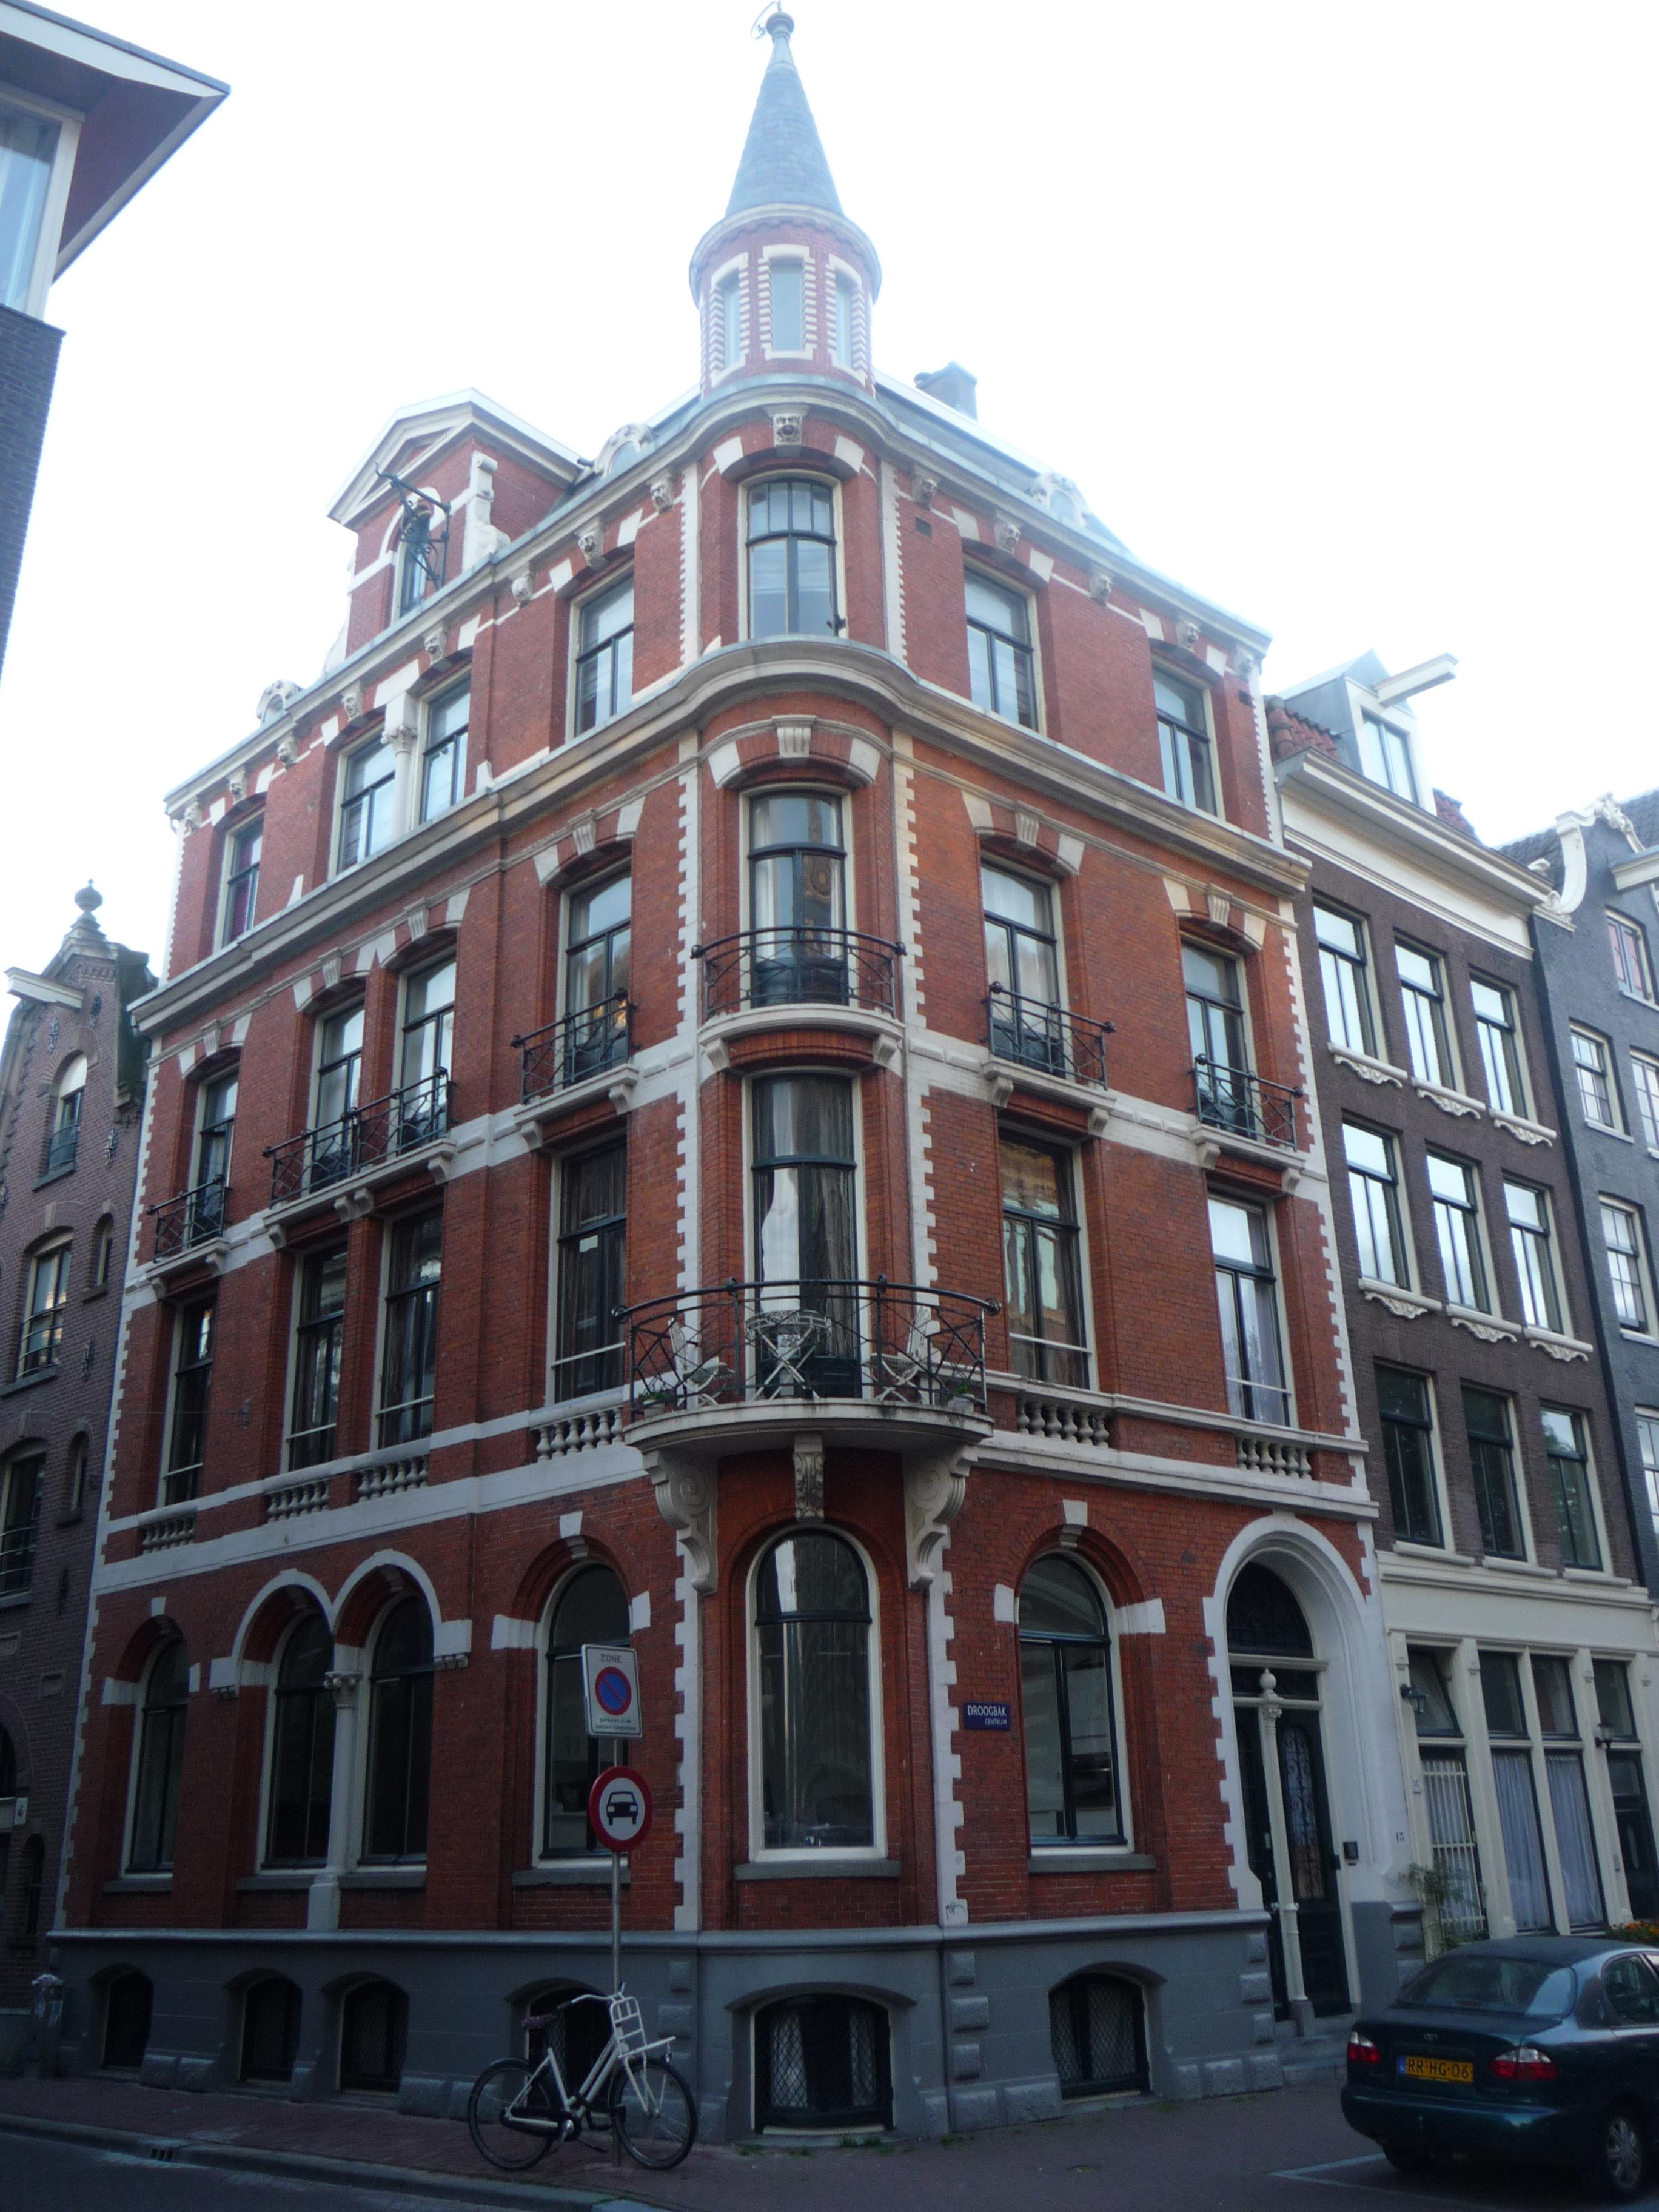 Stijl Van Amsterdam.Woonhuis In Een Neo Hollandse Renaissance Stijl In Amsterdam